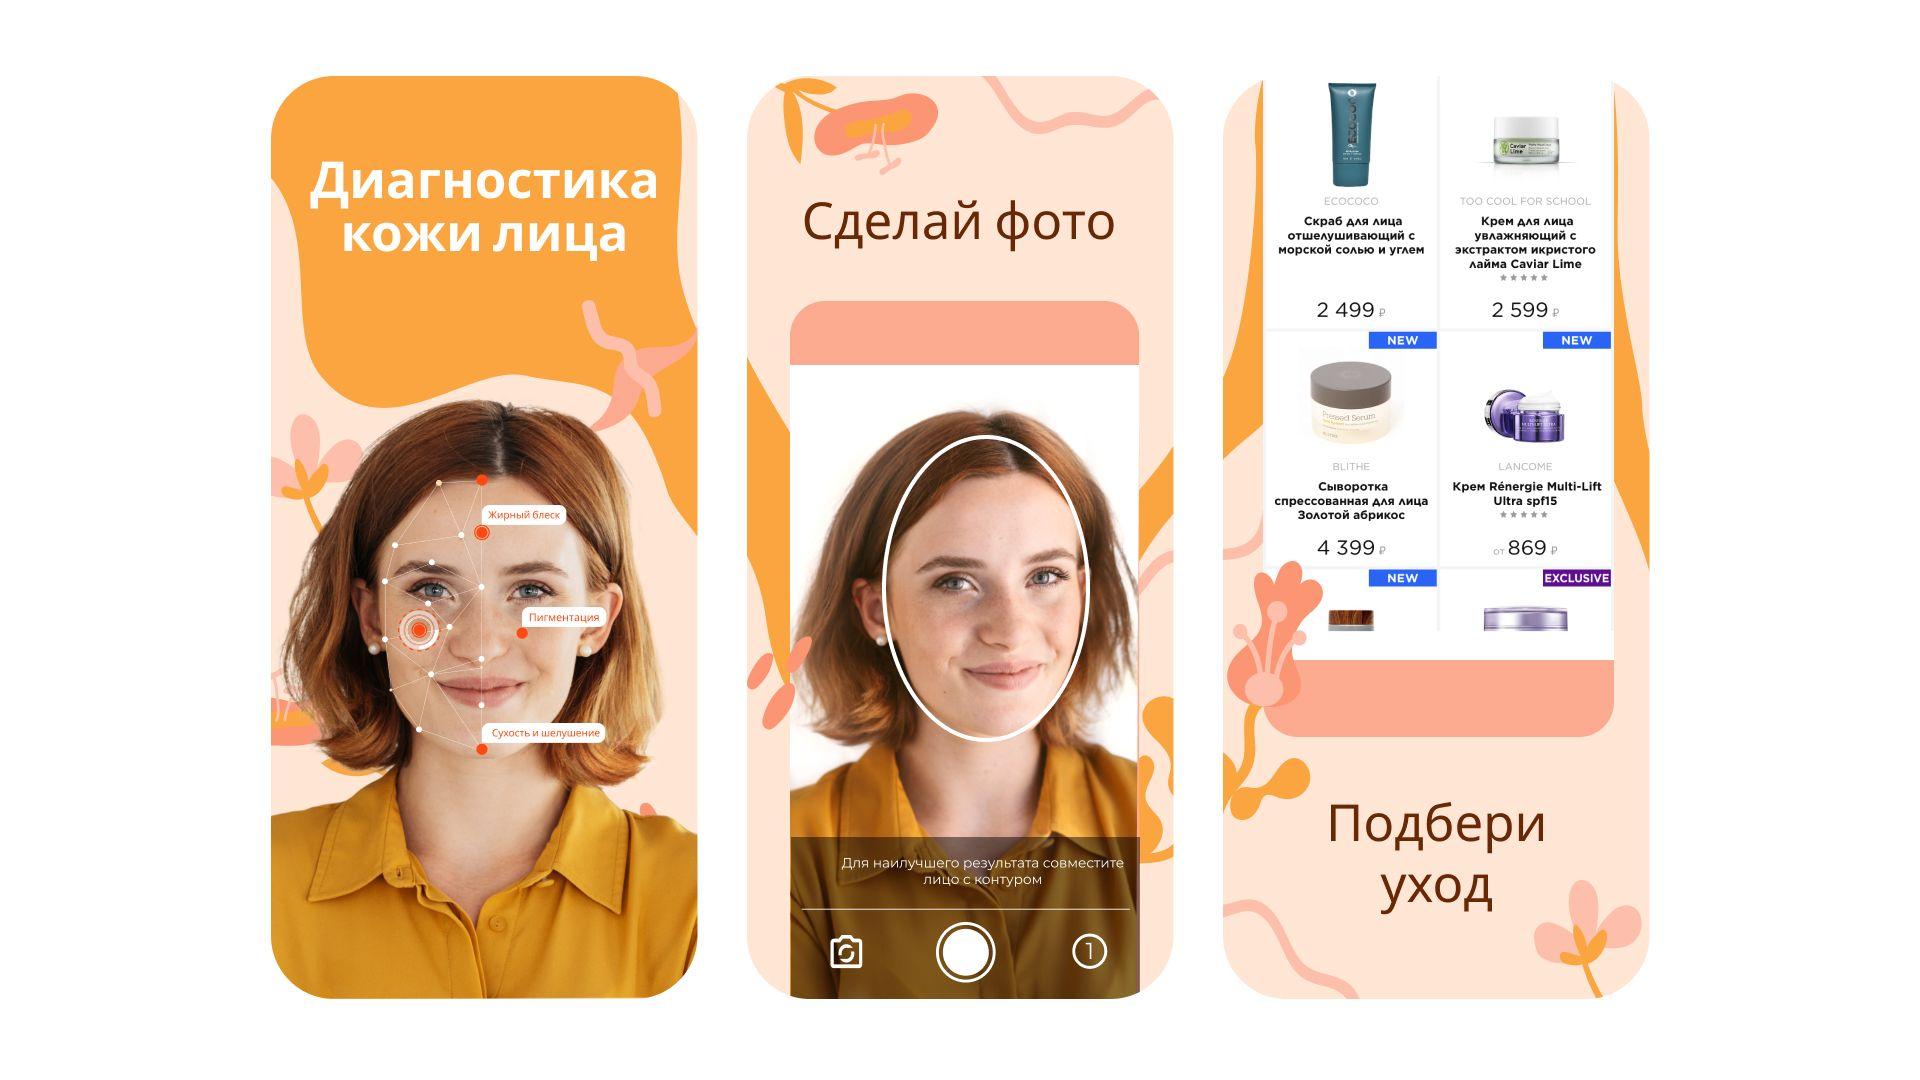 визуальное оформление скриншотов ASO